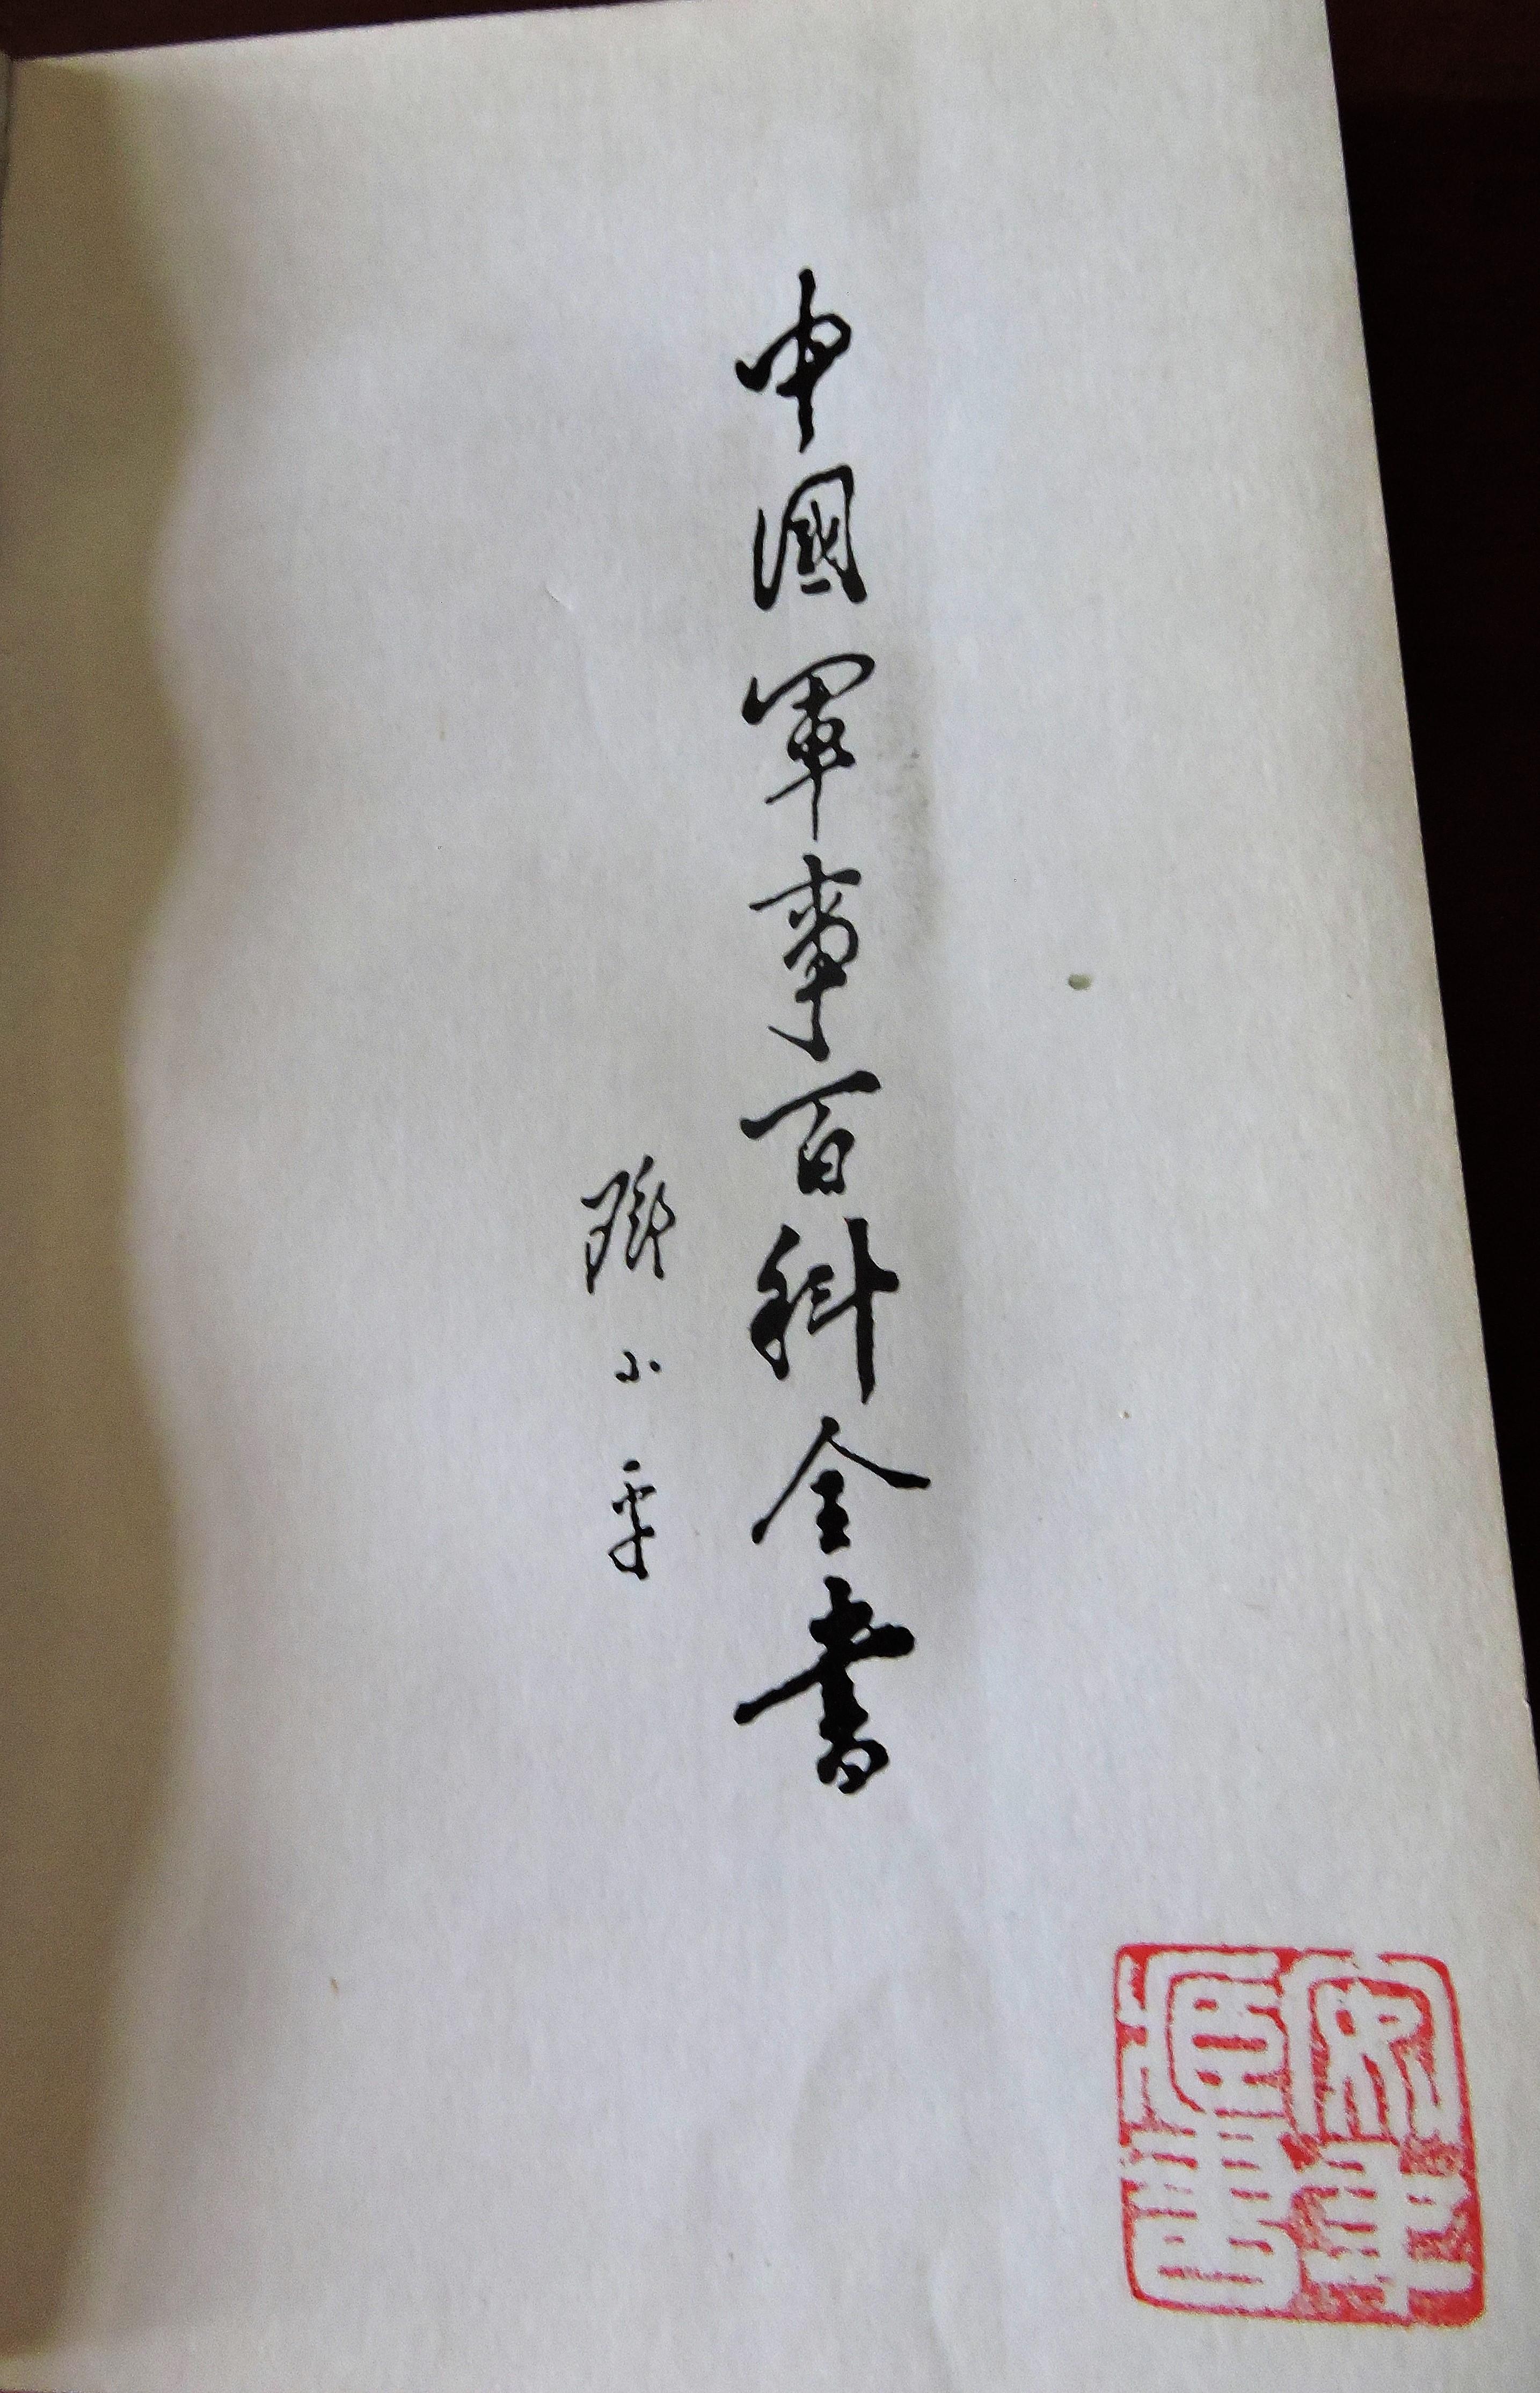 2 DSCN8358.jpg